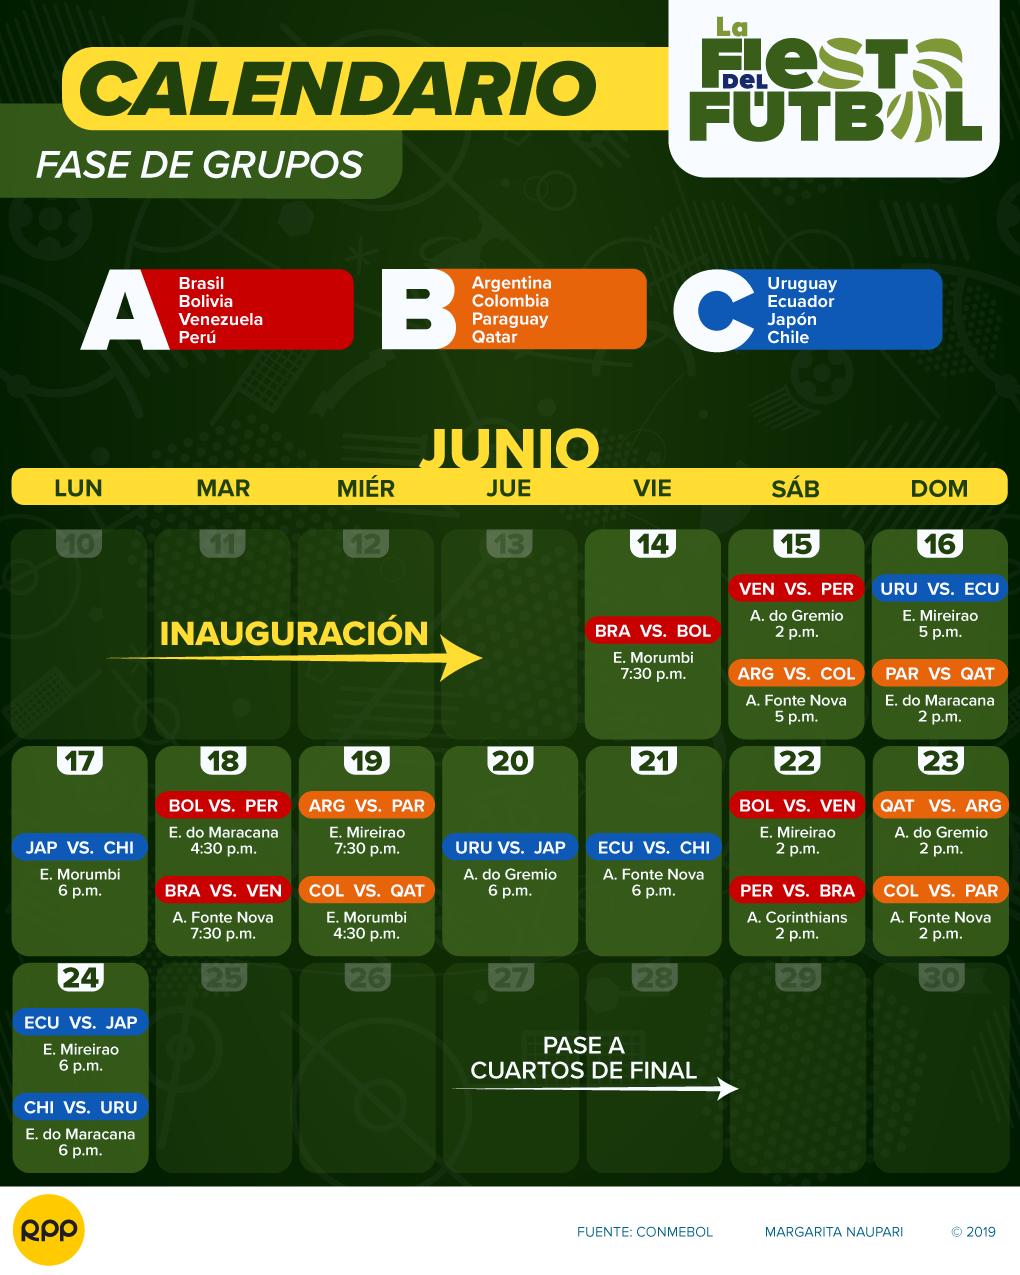 Liga Bbva Calendario Y Resultados.En Directo Resultados Calendario De La Copa America 2019 Ver